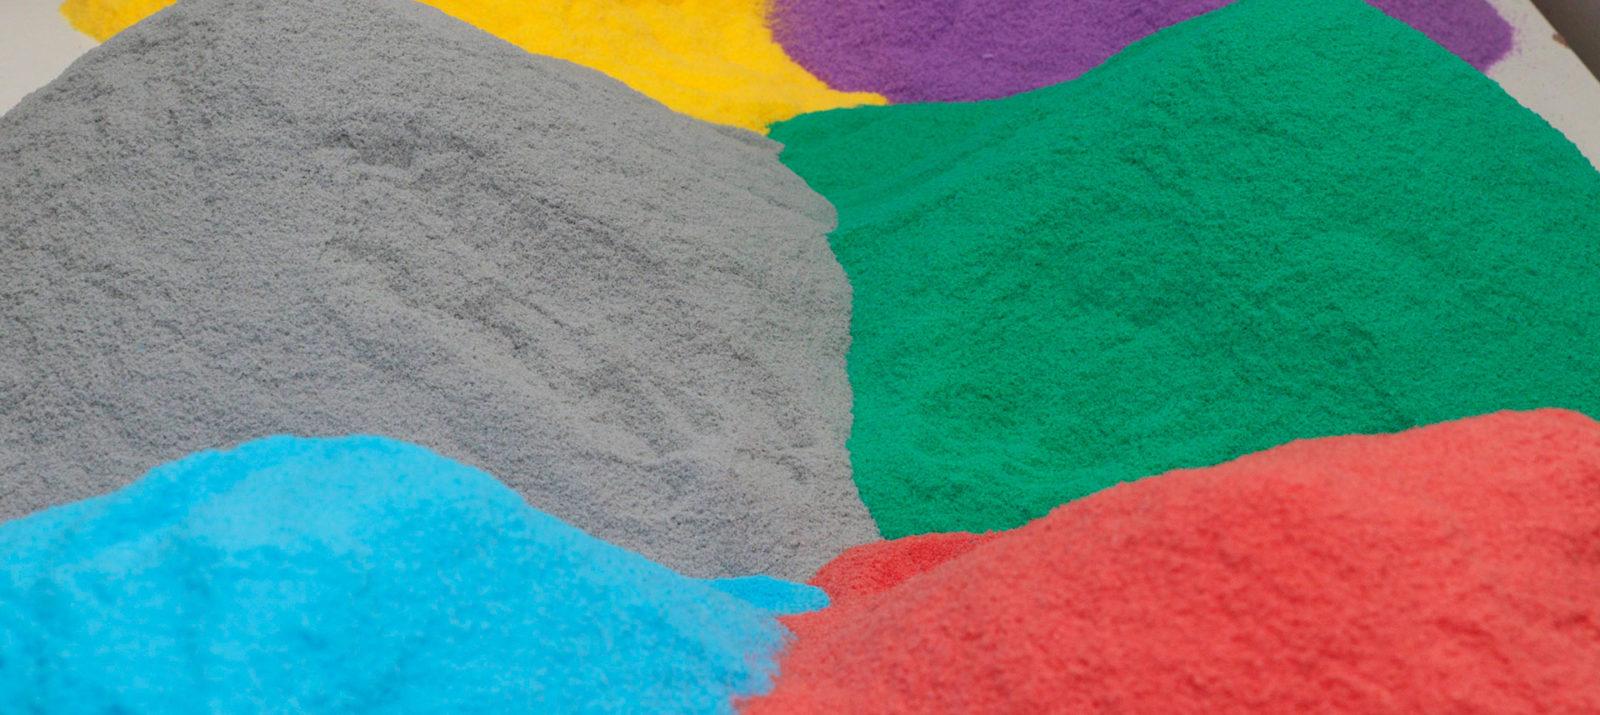 Voltoplast Reciclagem - MICRONIZAÇÃO